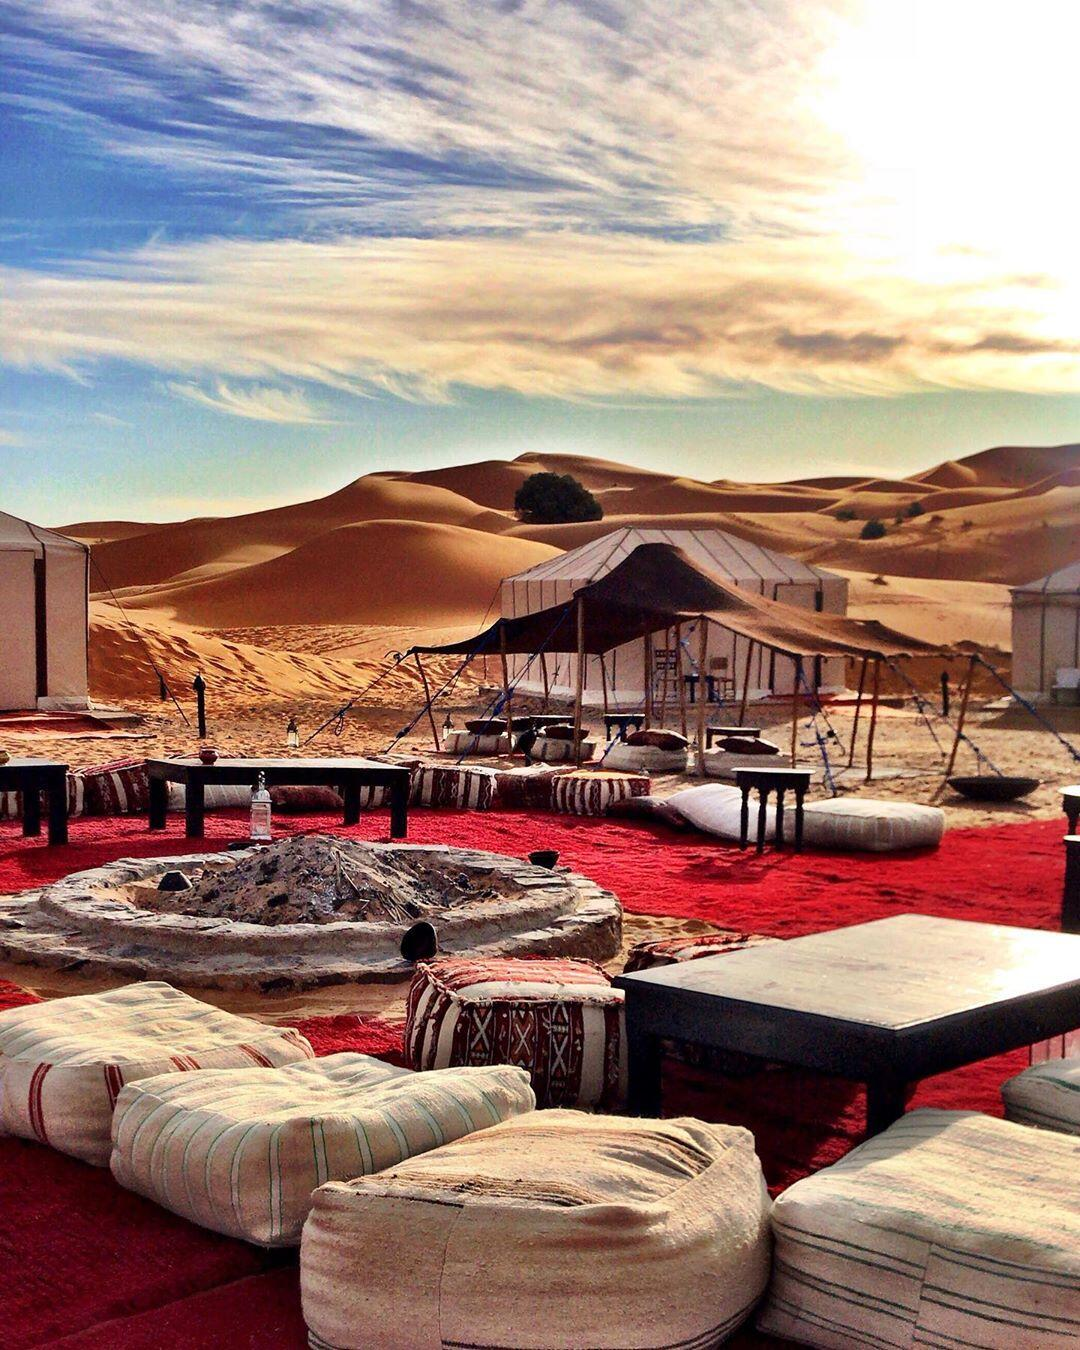 campamintos en merzouga con nuestros Tour itinerario desde Casablanca Viaje por Marruecos 8 dias